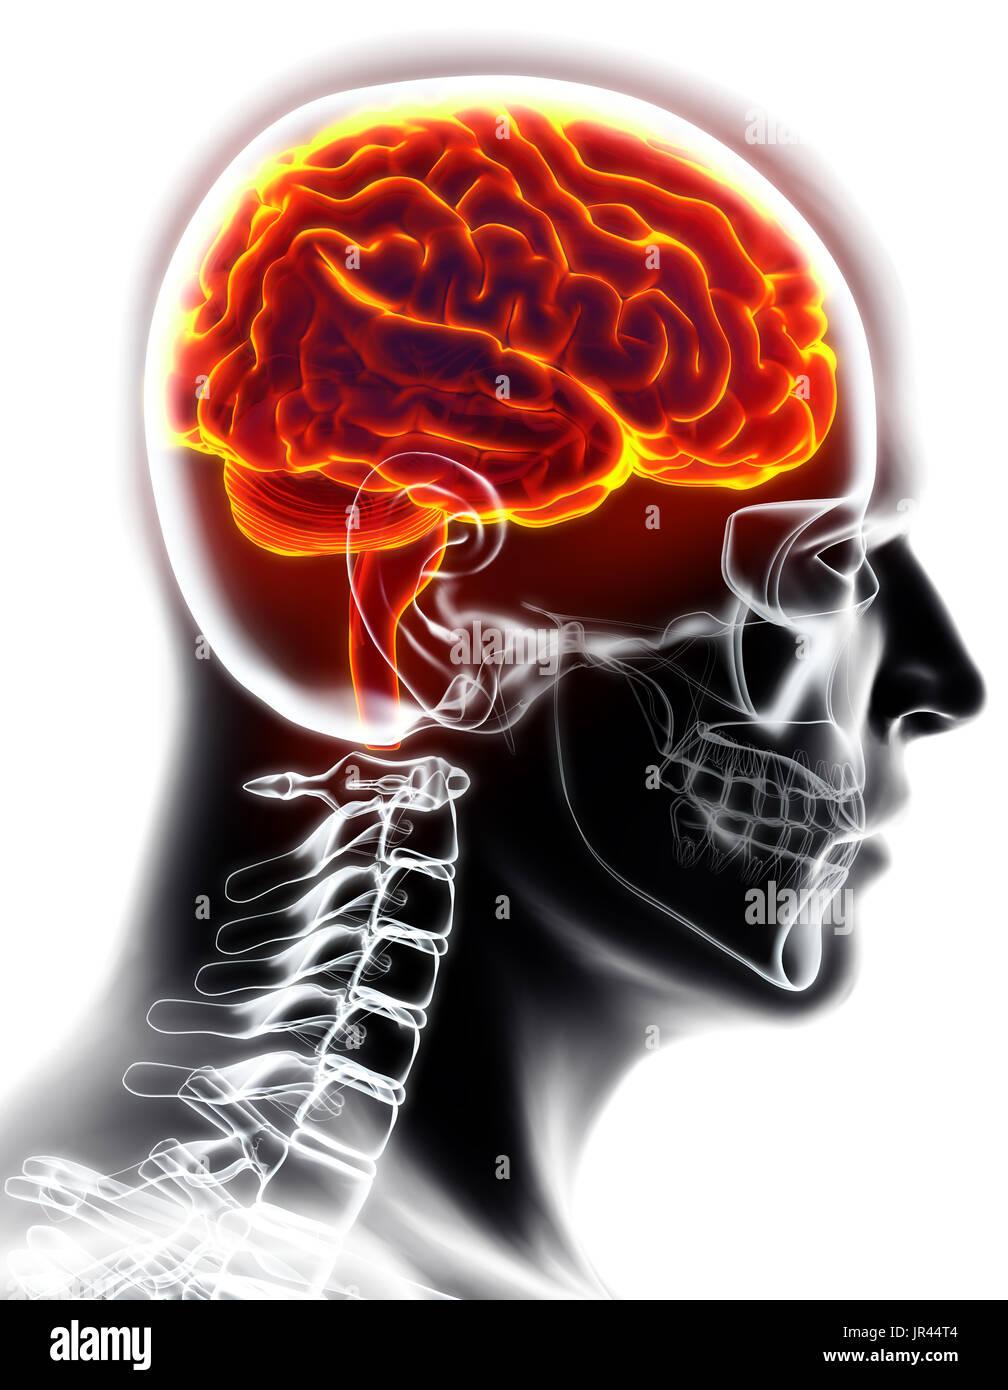 Umano organico interno - cervello umano, 3D illustrazione concetto medico. Immagini Stock